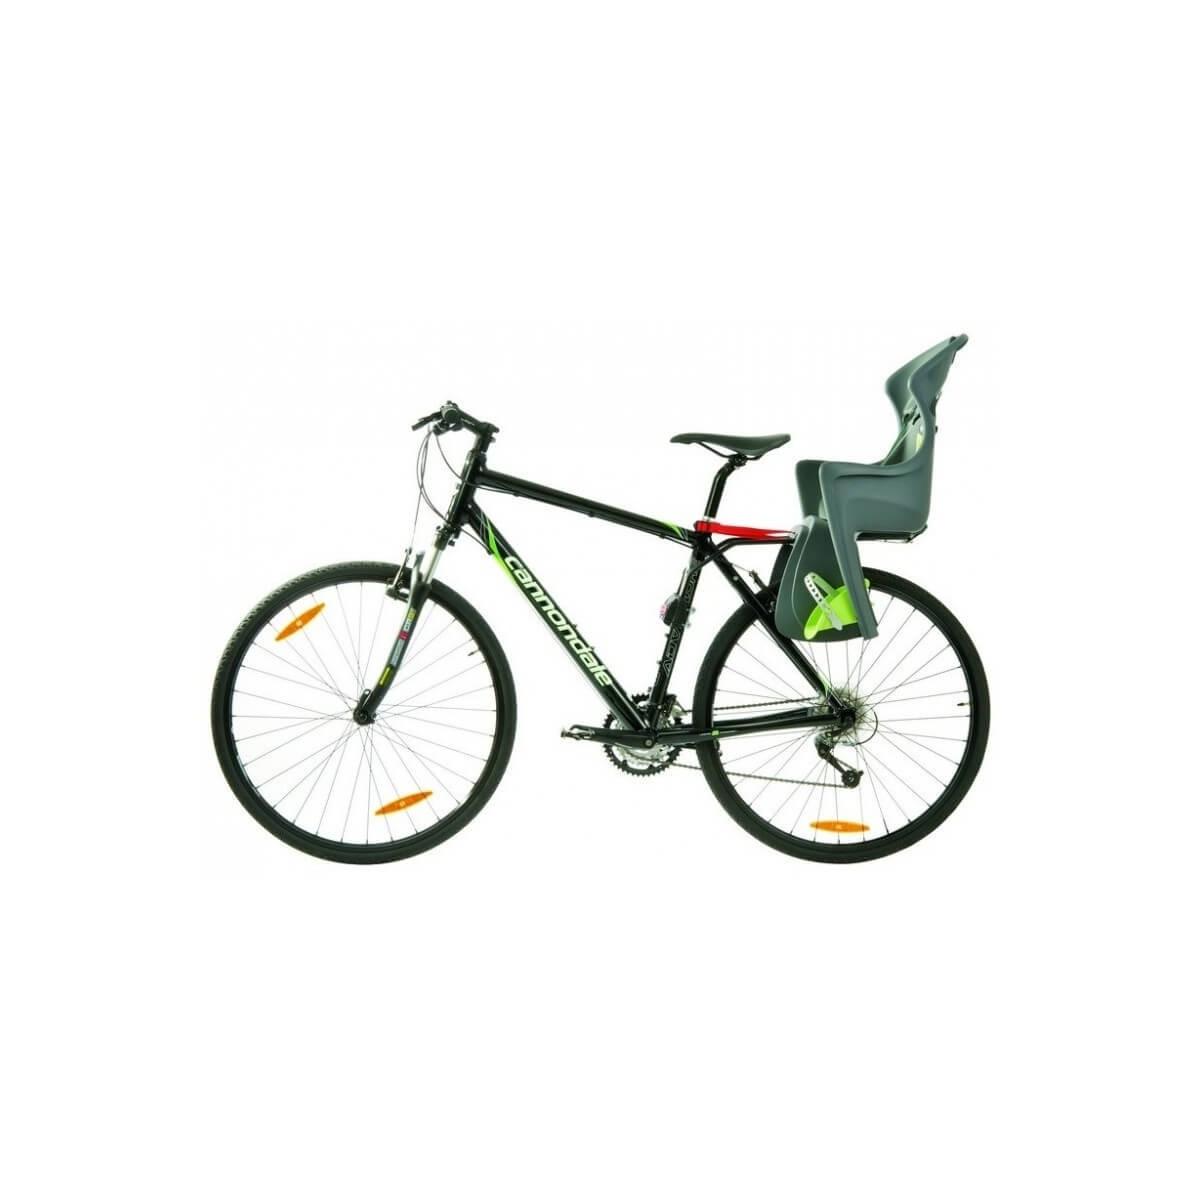 Silla para bici dietas de nutricion y alimentos for Silla nino bicicleta